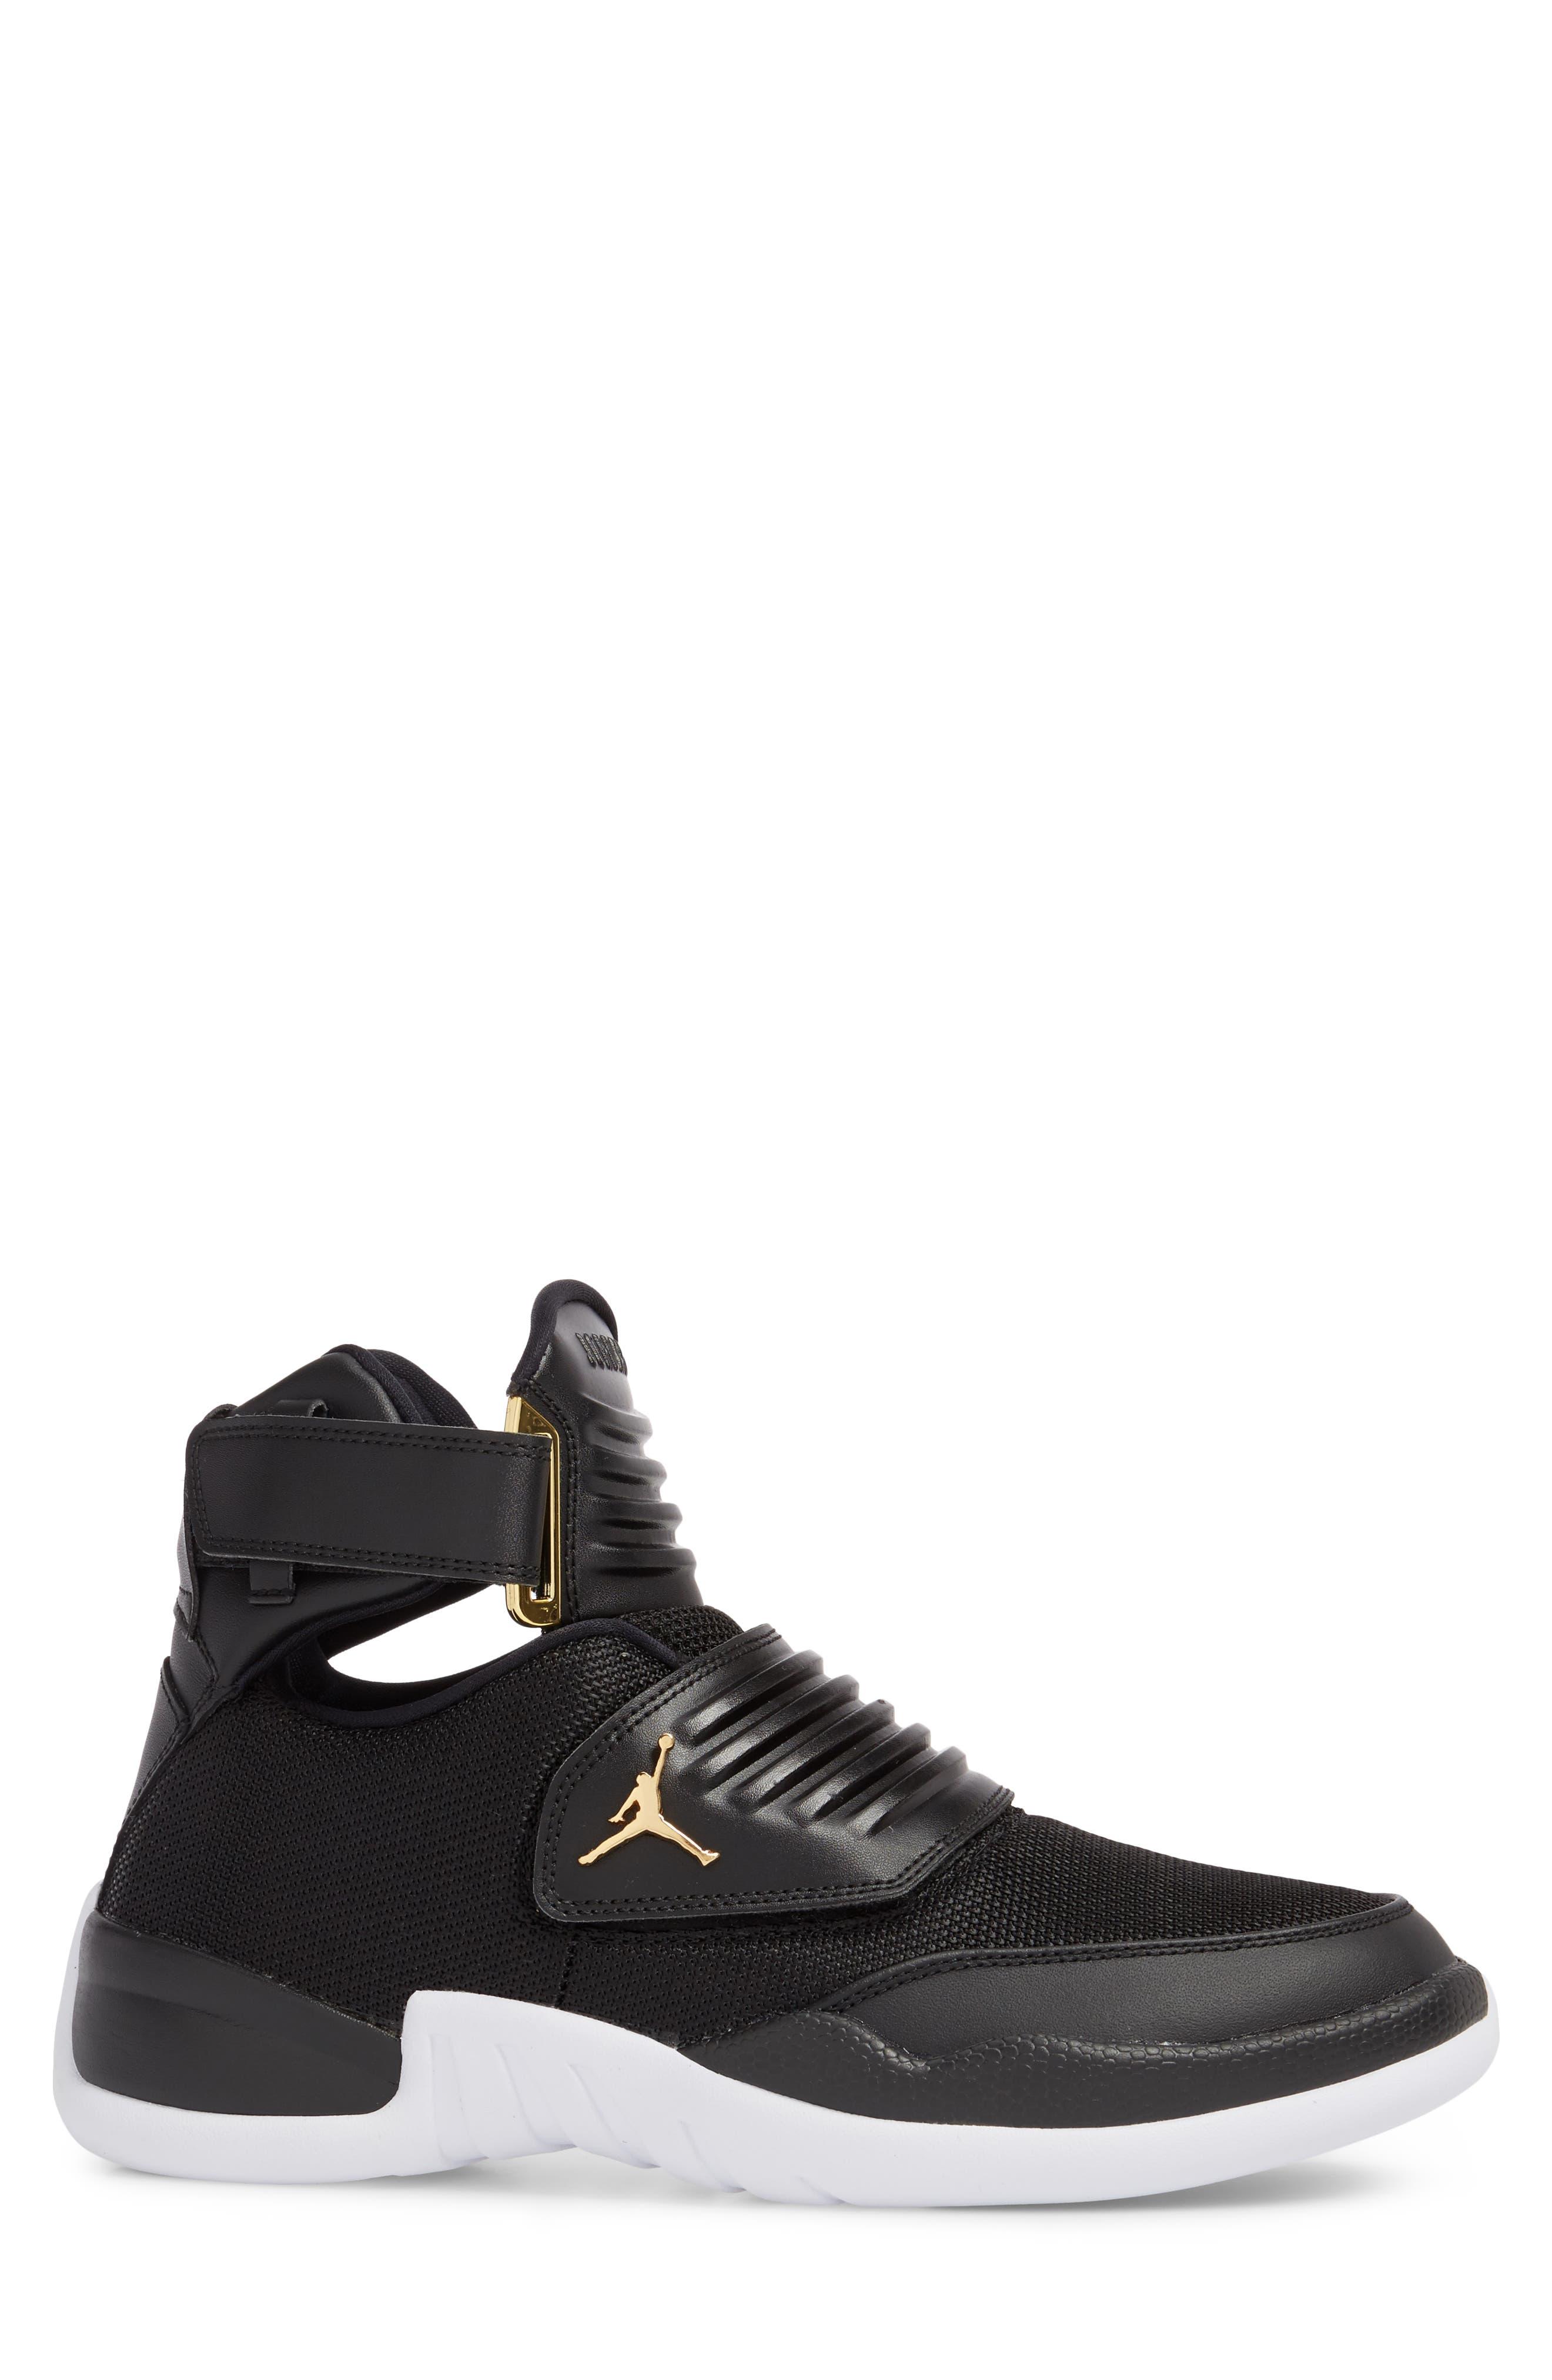 Jordan Generation High Top Sneaker,                             Alternate thumbnail 5, color,